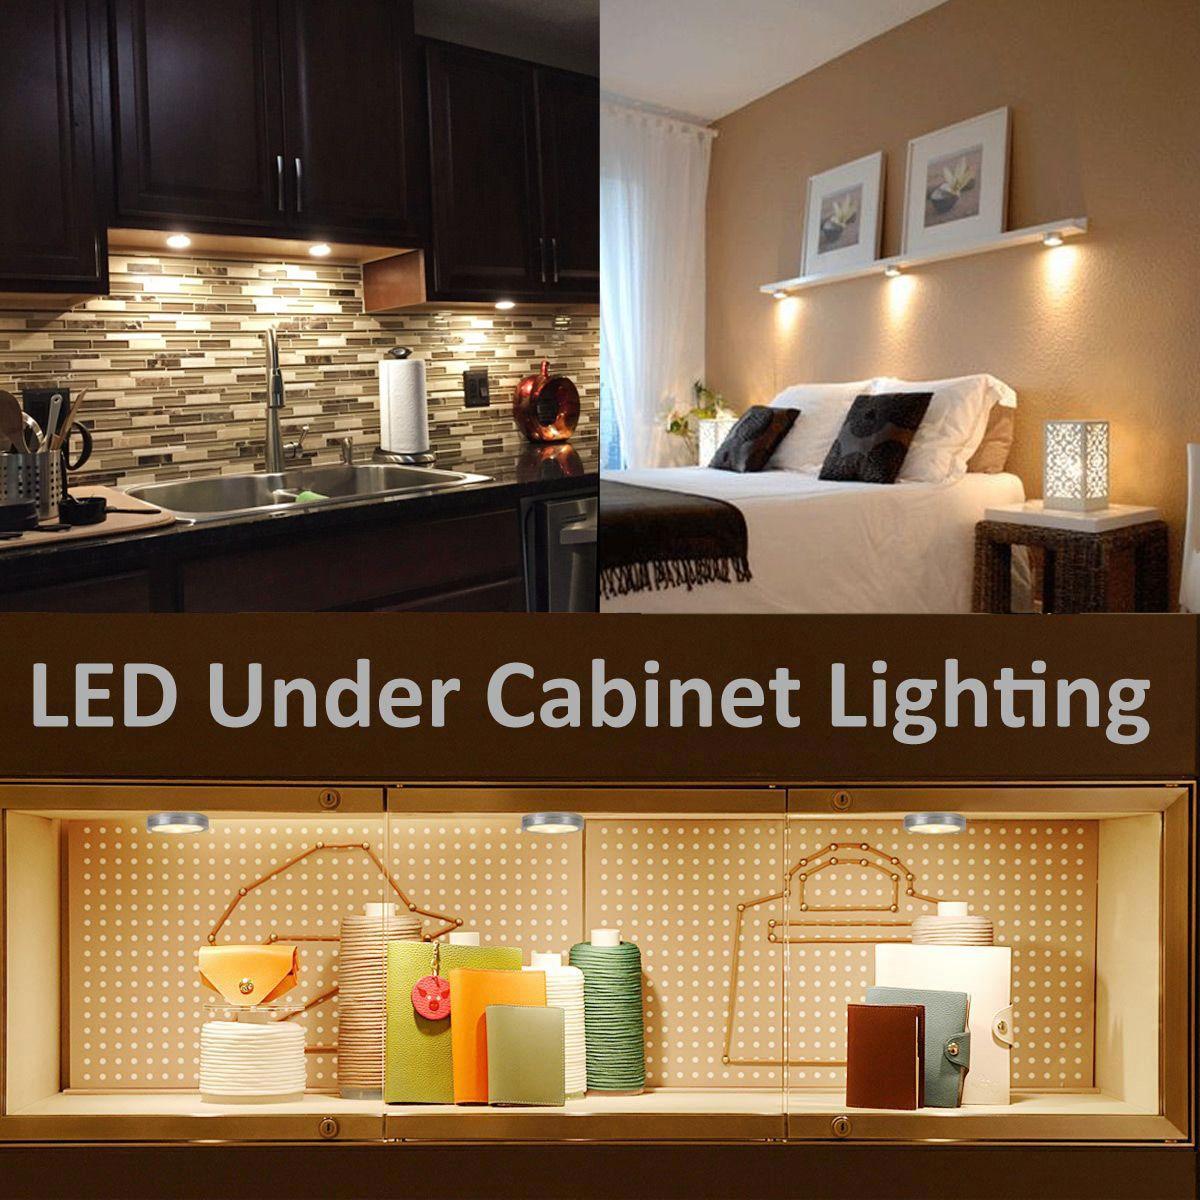 Le Led Under Cabinet Lighting Kit 510lm Puck Lights 3000k Warm White Under Counter Lighting Stick On Lights For Kitchen Closet Lights Set Of 3 In 2020 Light Kitchen Cabinets Led